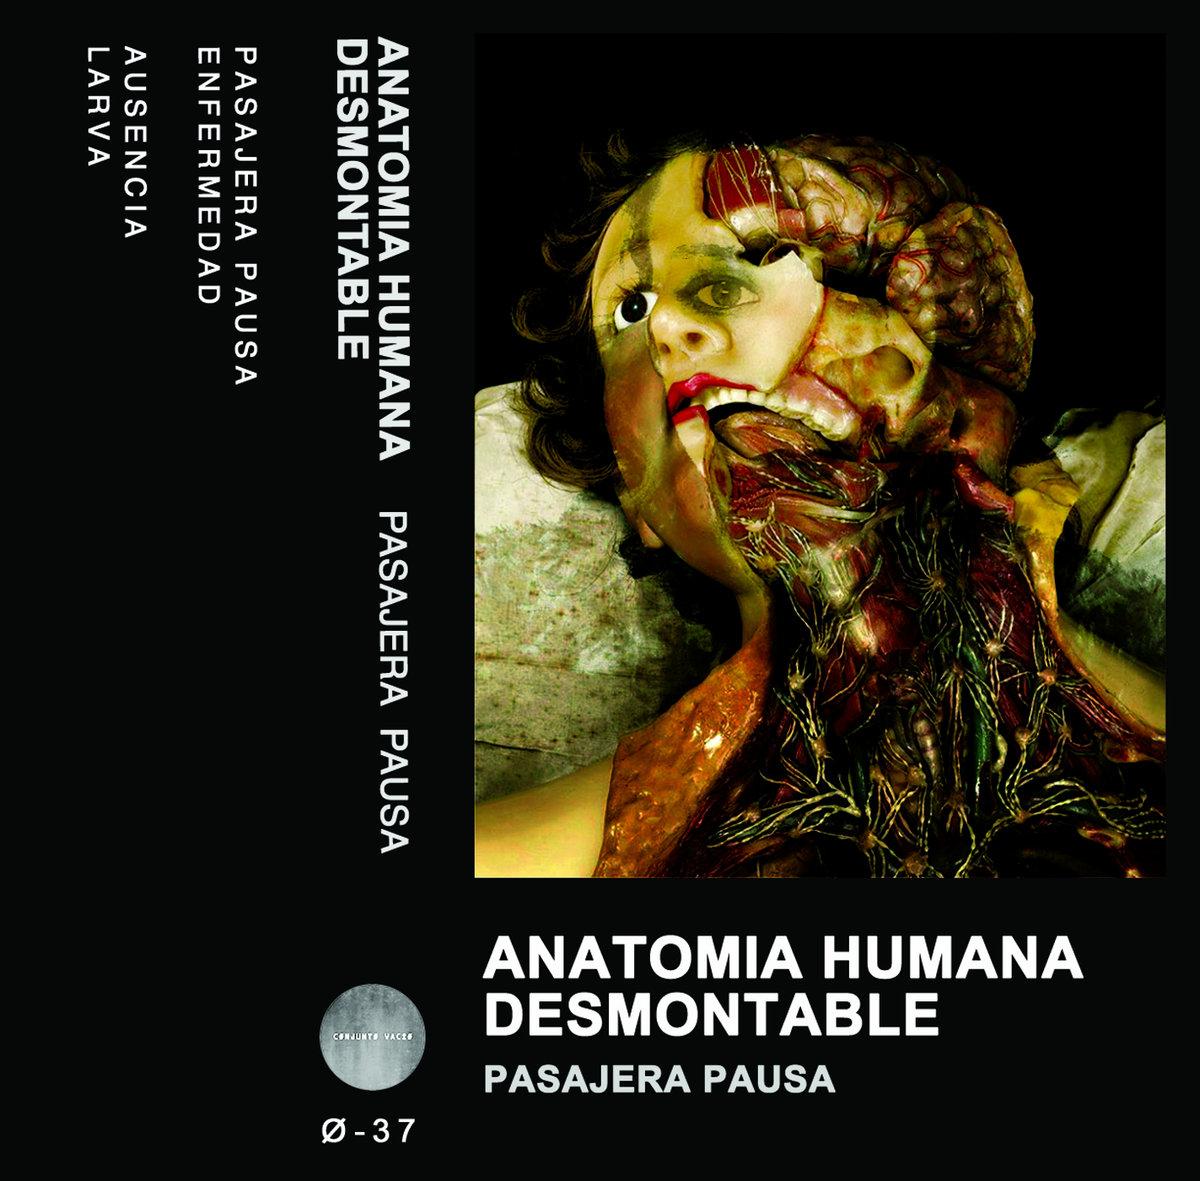 Enfermedad | Anatomia Humana Desmontable